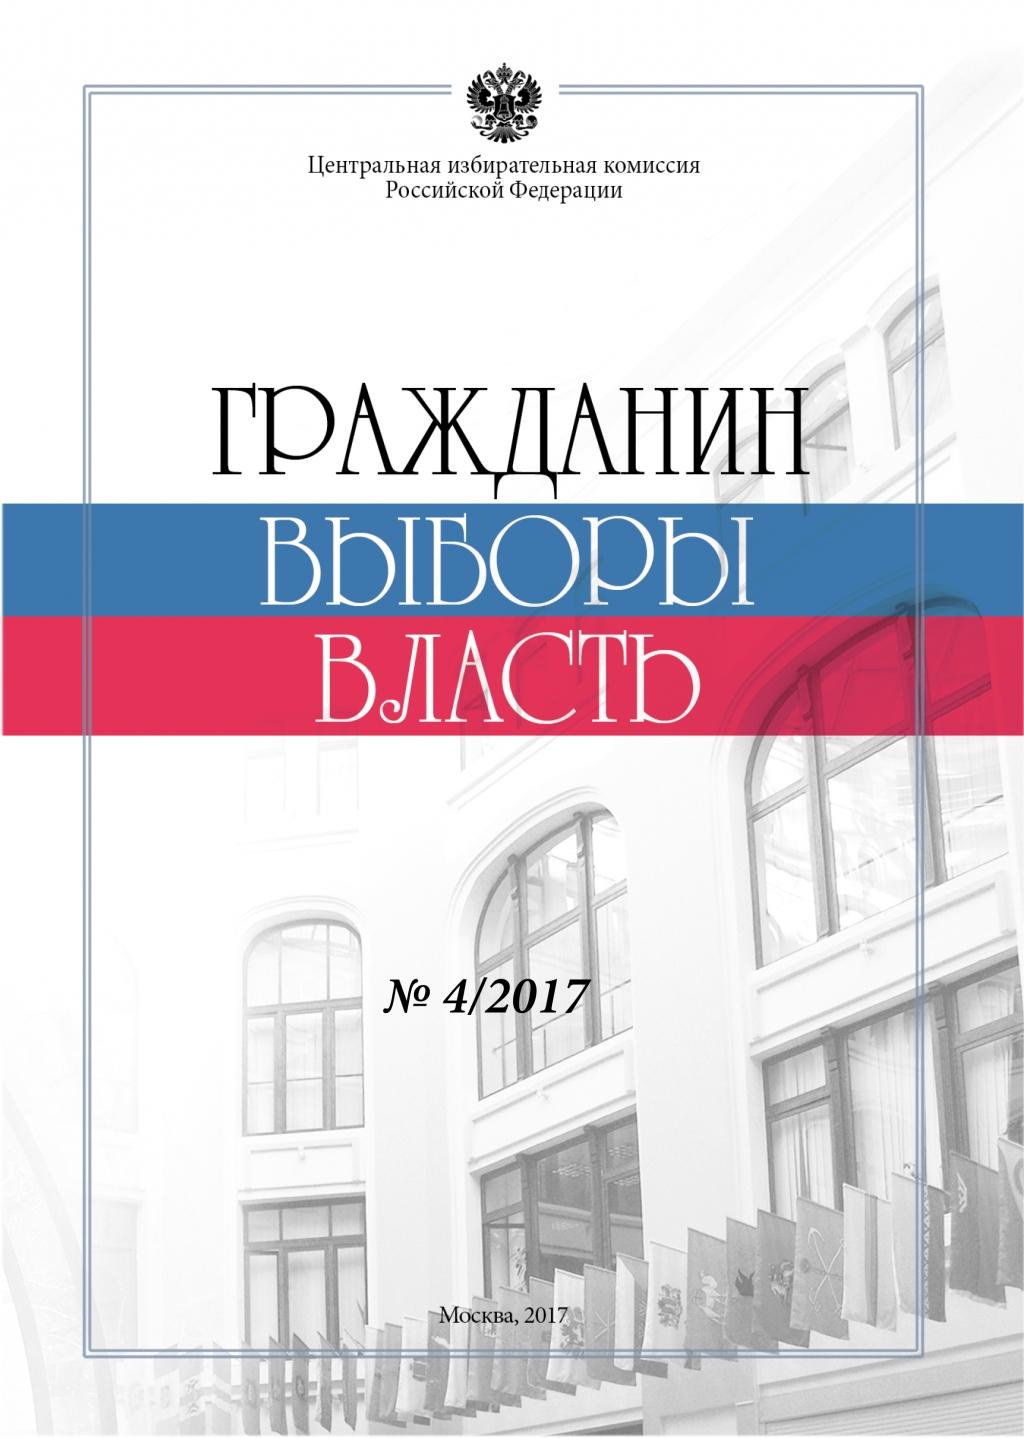 «Гражданин. Выборы. Власть» 2017 № 4